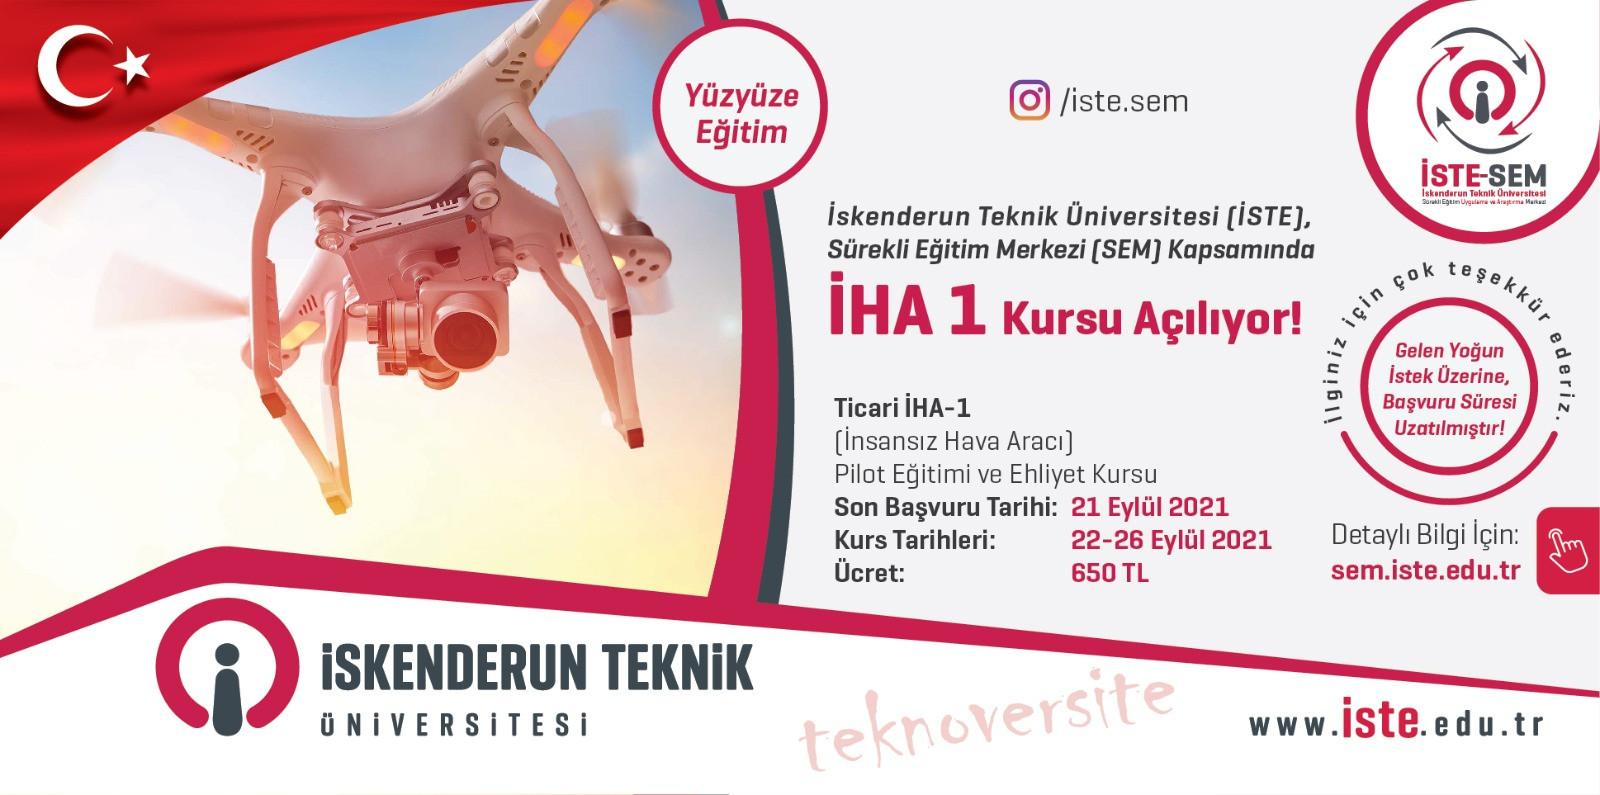 İHA1 Pilot Eğitimi ve Ehliyet Kursu